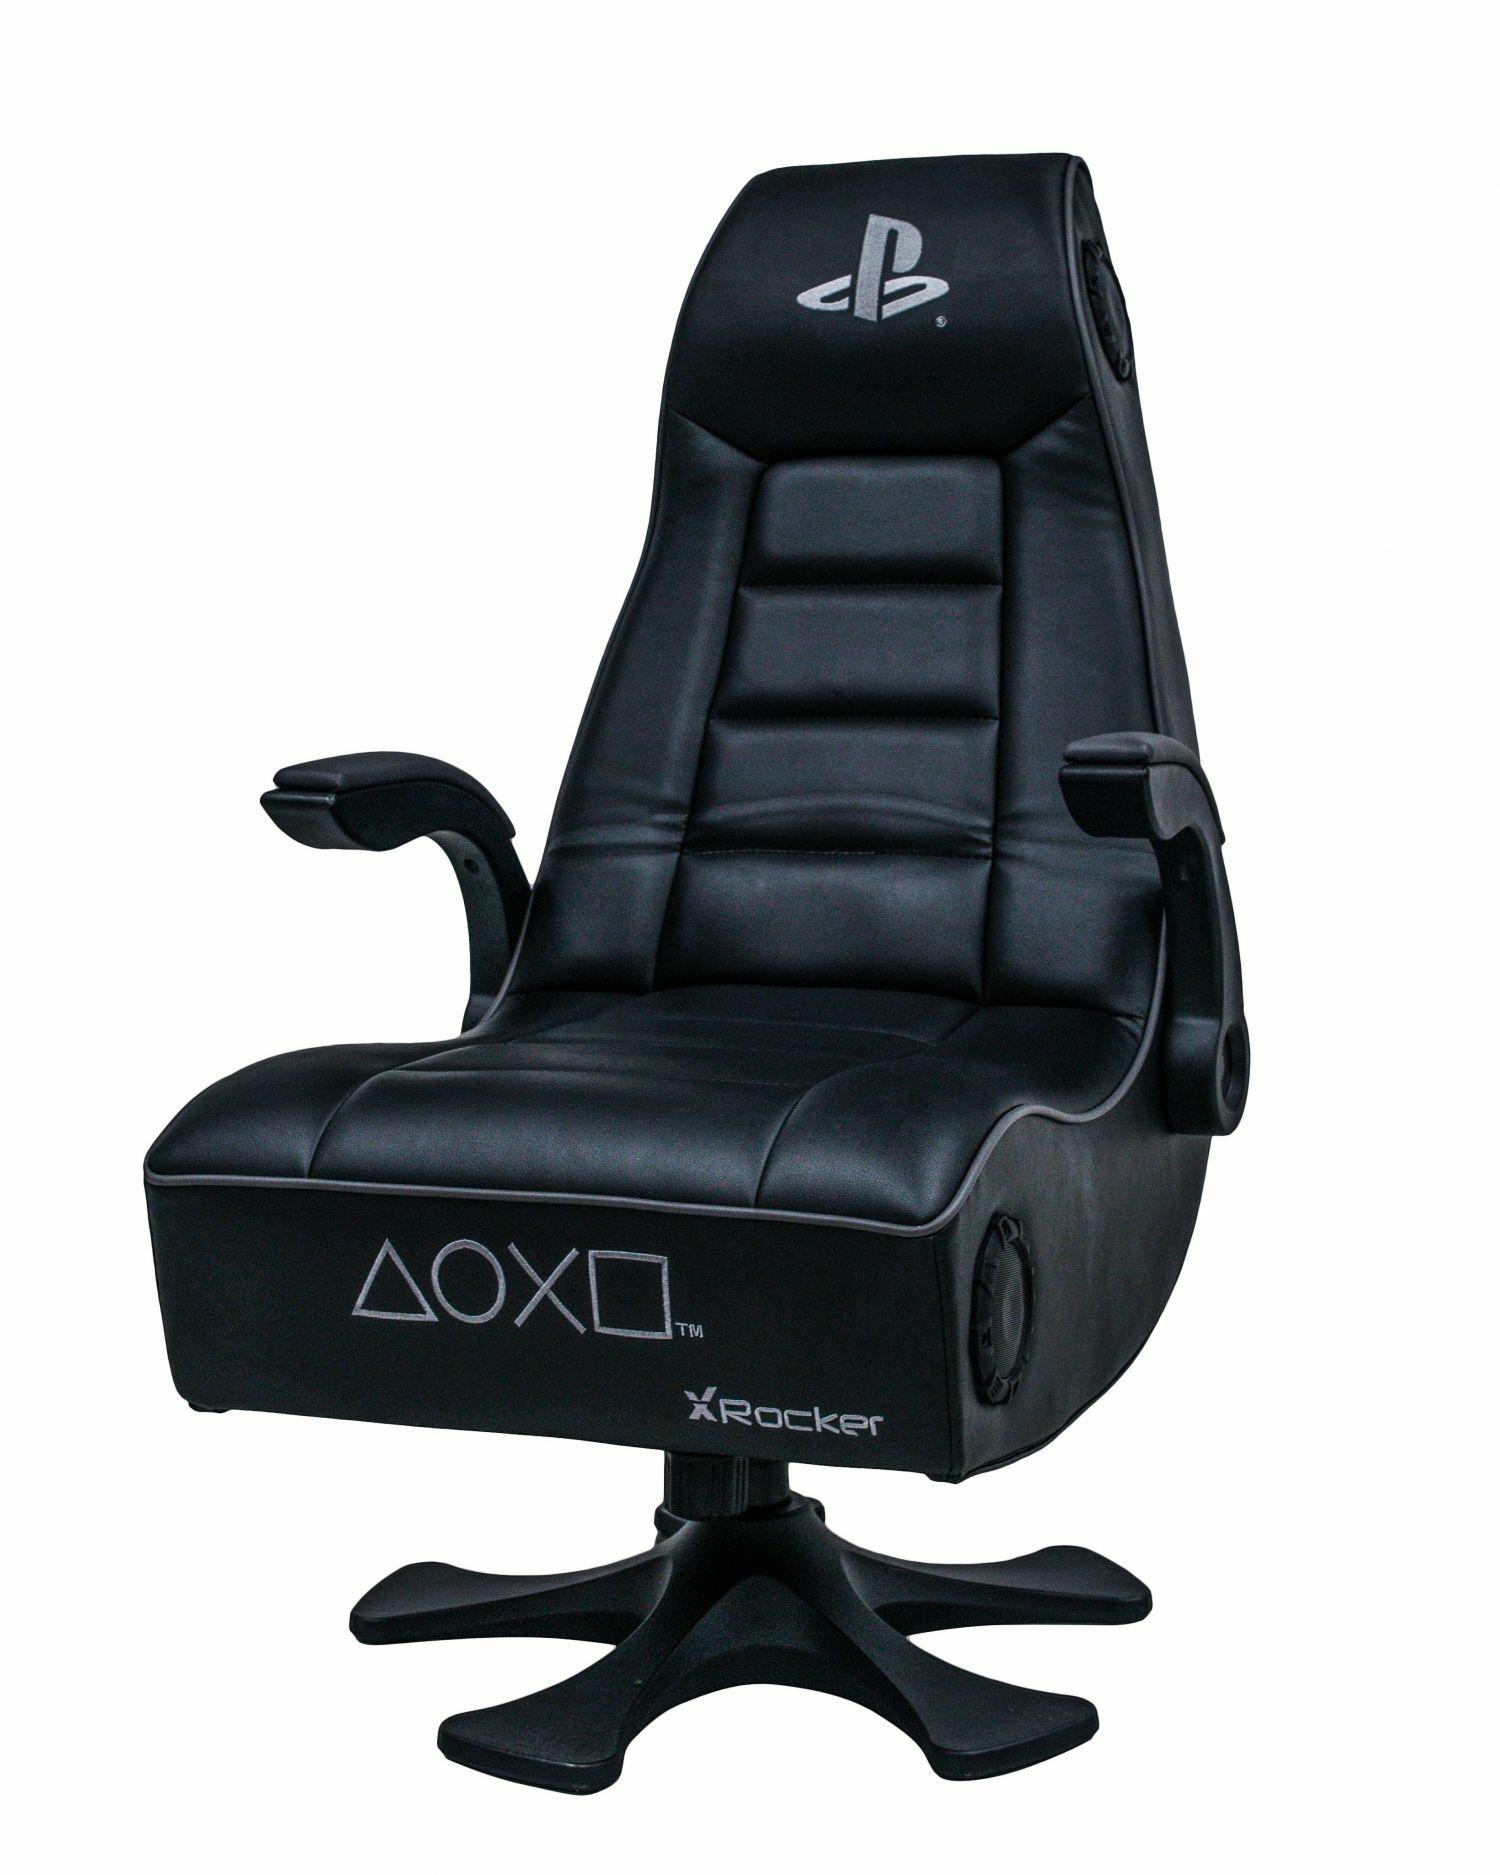 chaise de bureau playstation